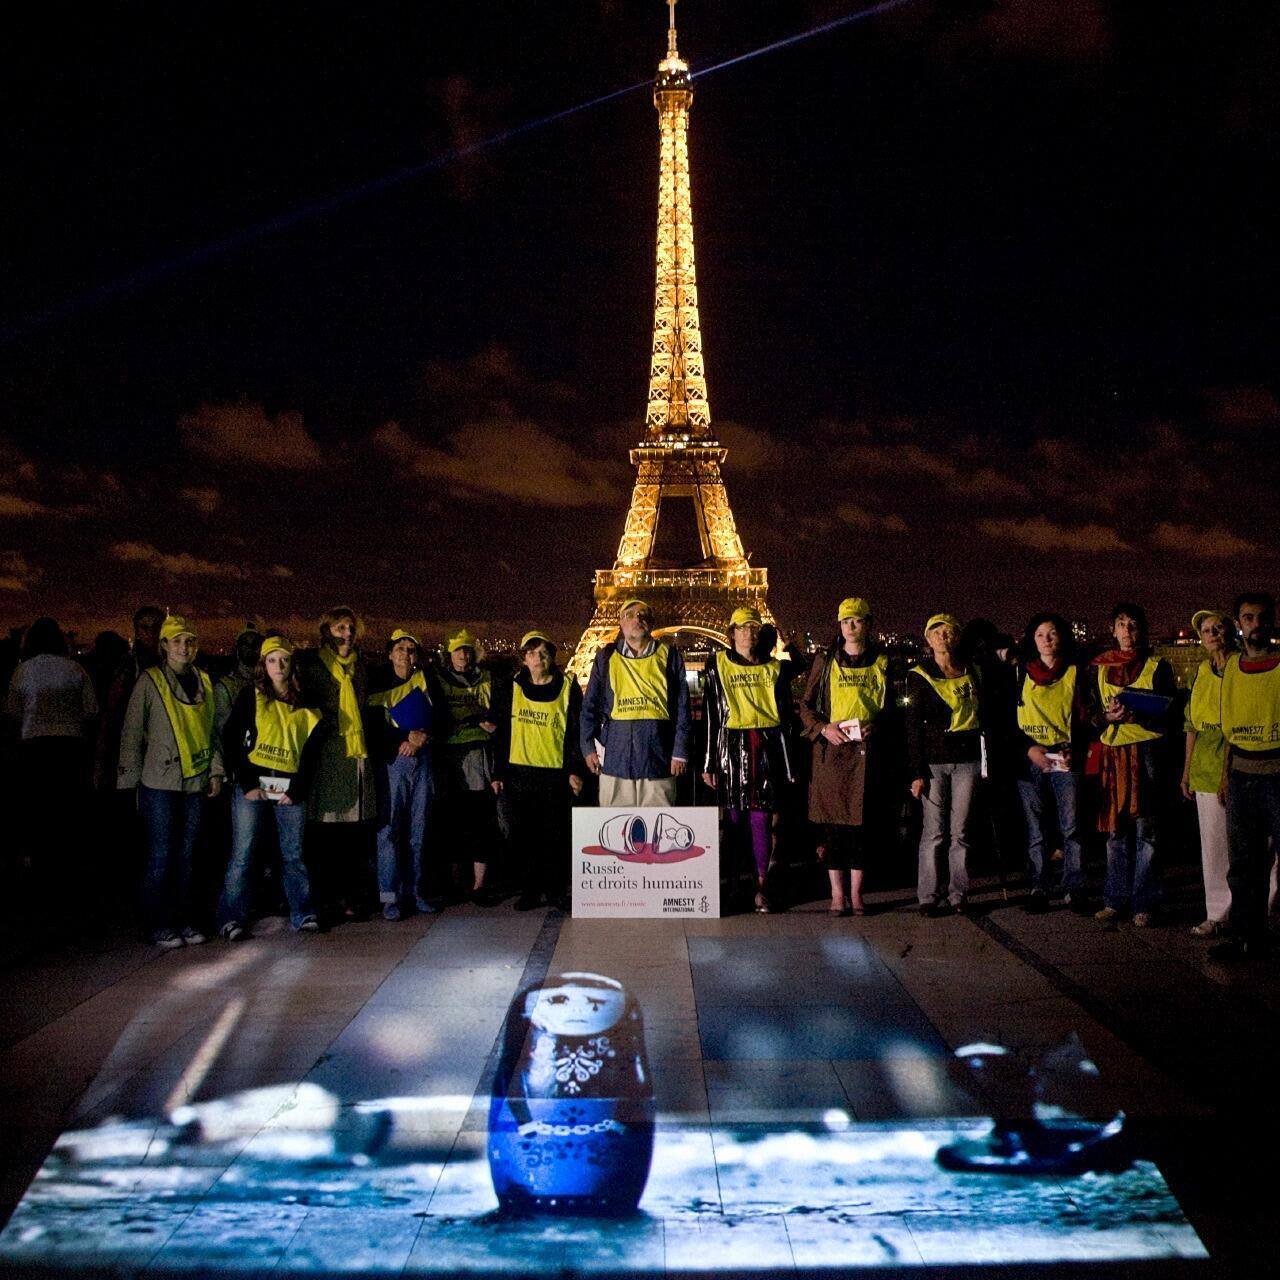 Акция Международной Амнистии на эспланаде Трокадеро